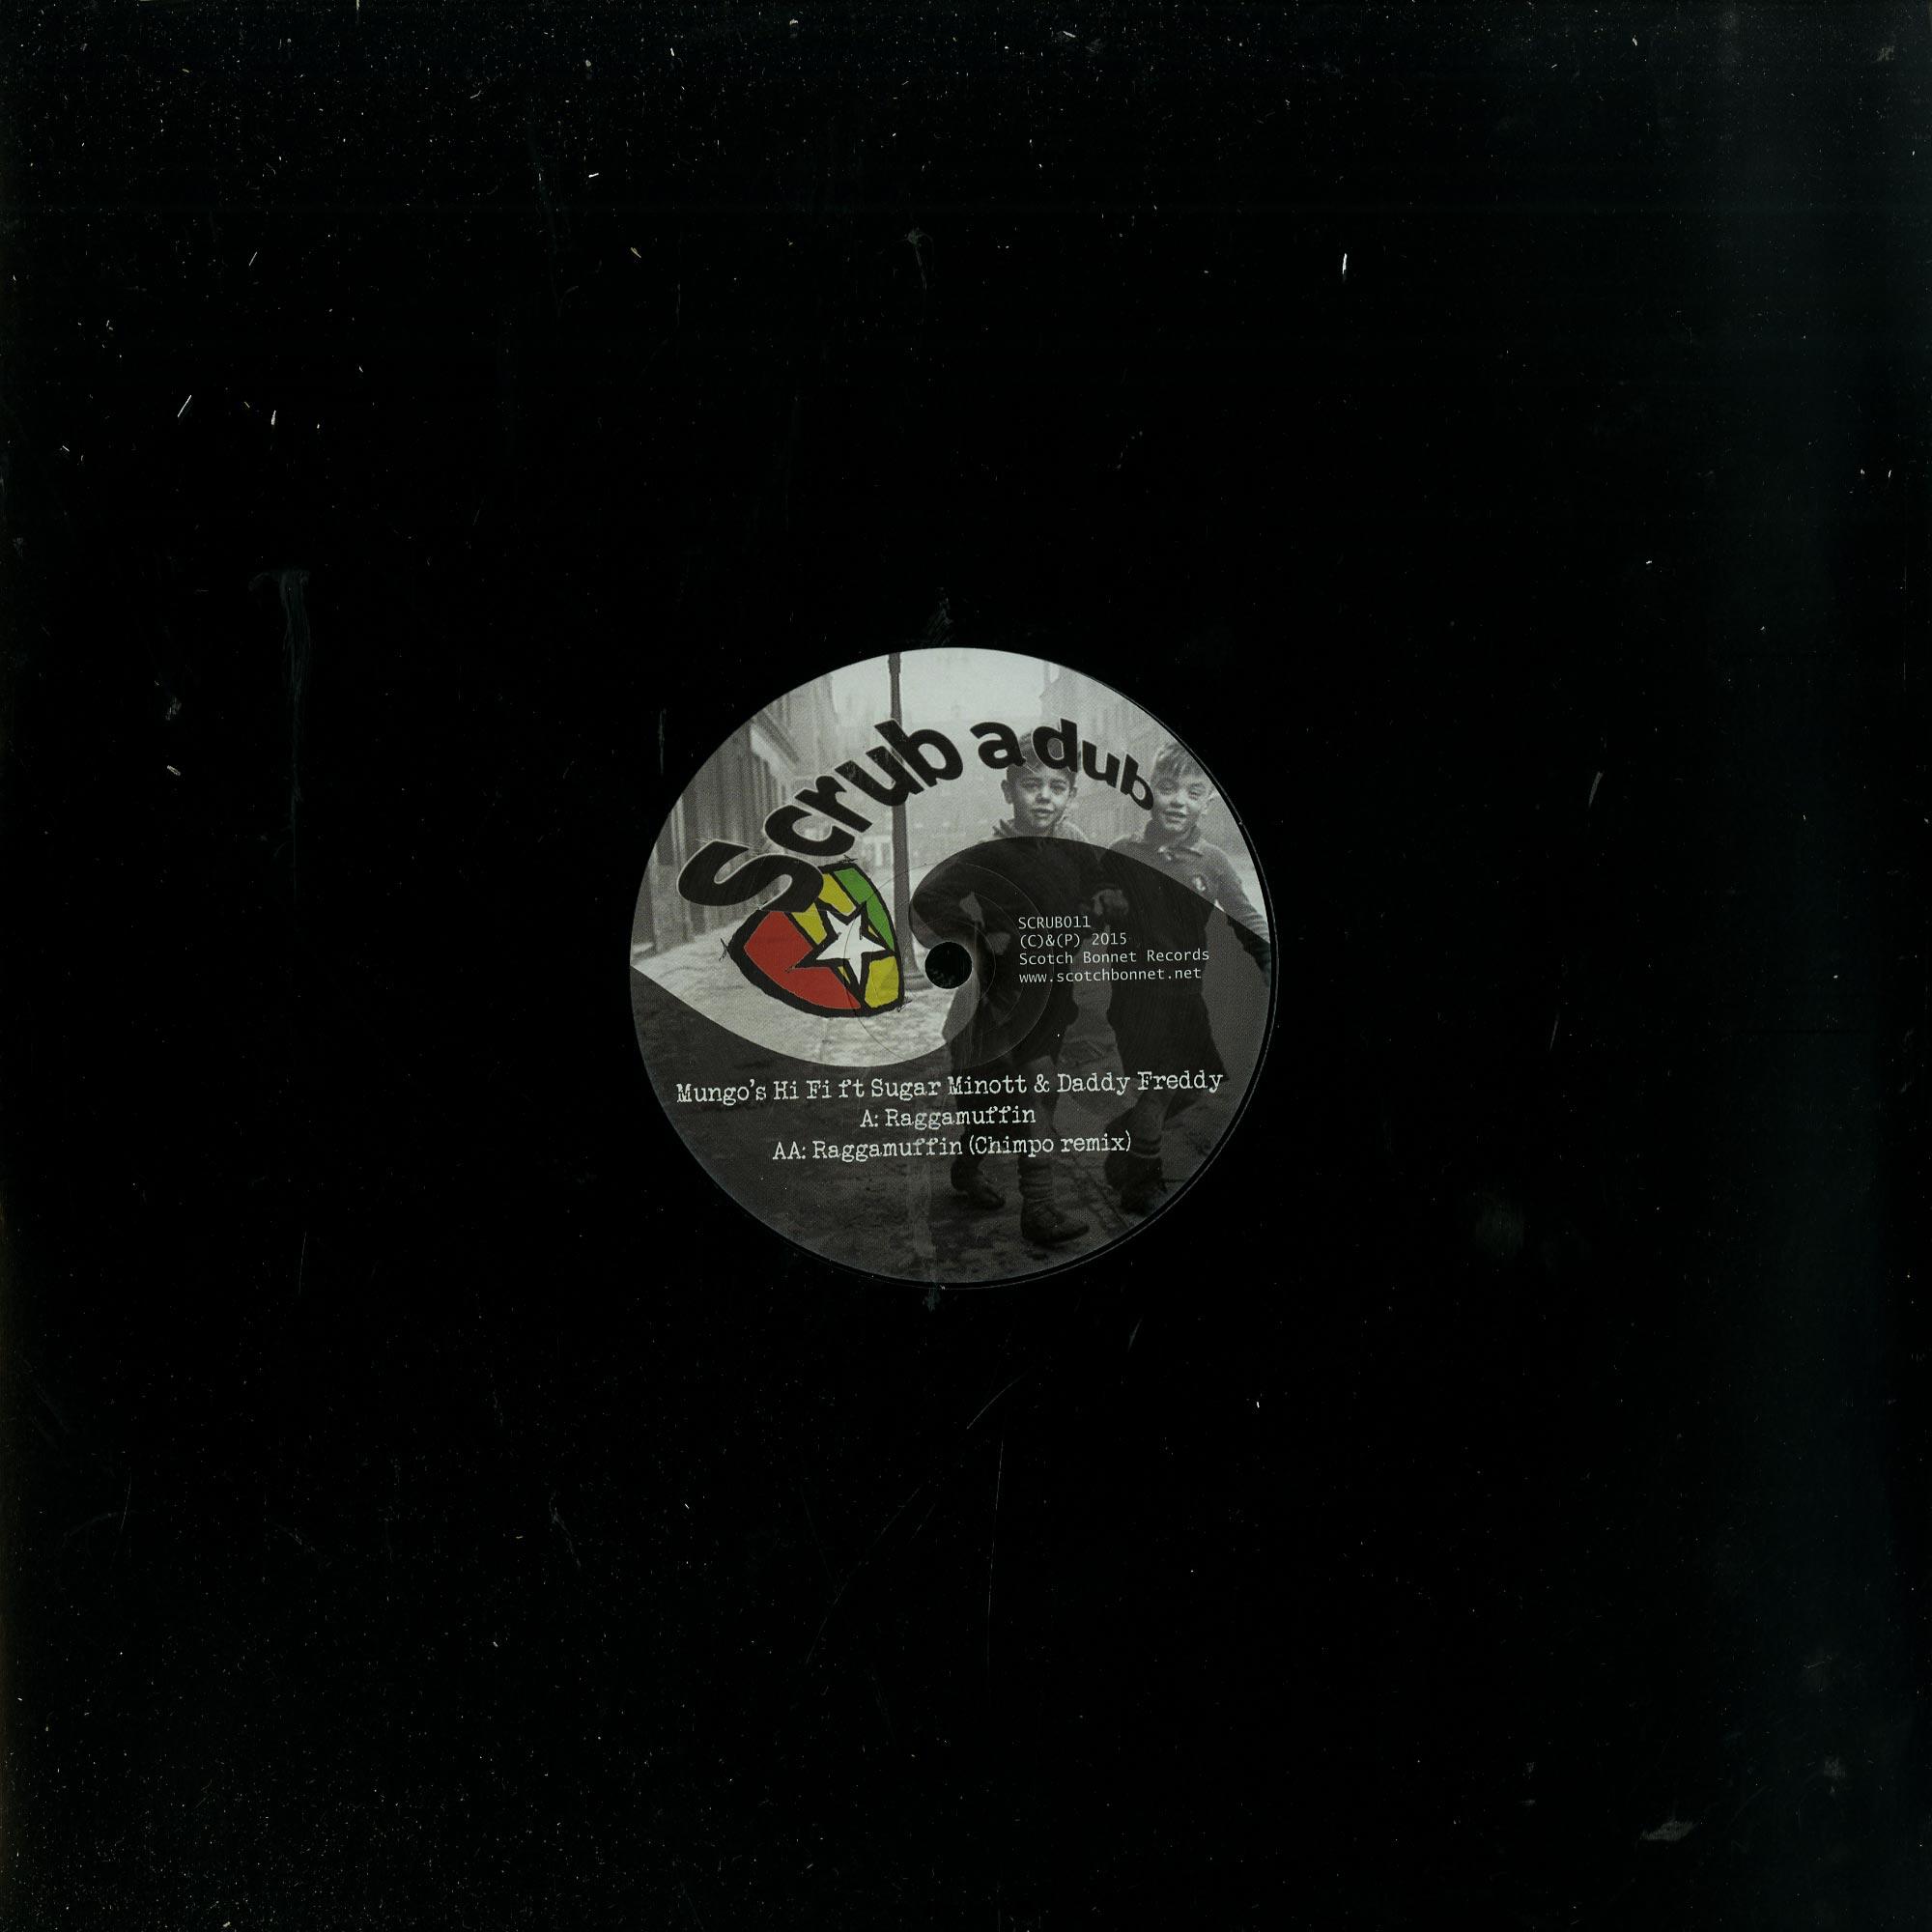 Mungos Hi-Fi Sugar Minott & Daddy Freddy - RAGGAMUFFIN